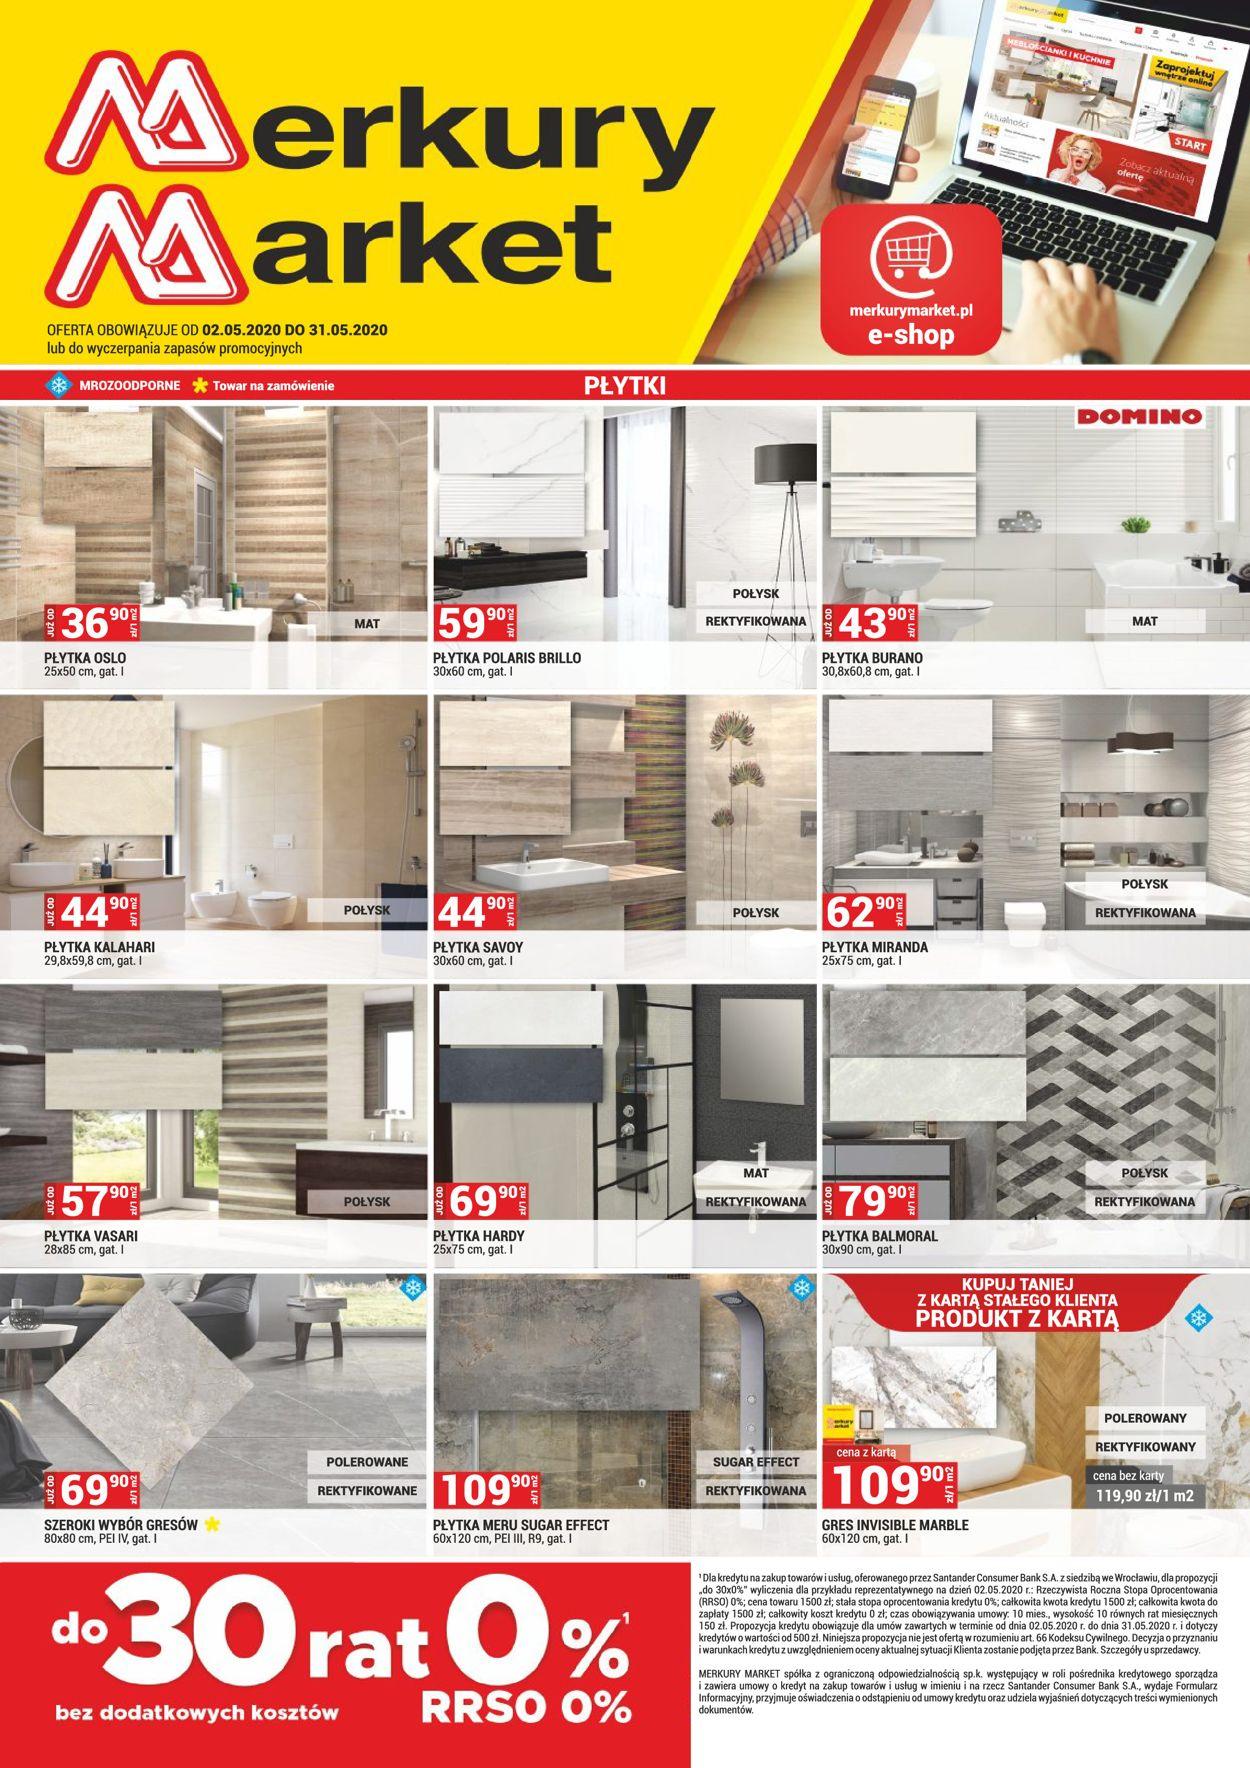 Gazetka promocyjna Merkury Market - 02.05-31.05.2020